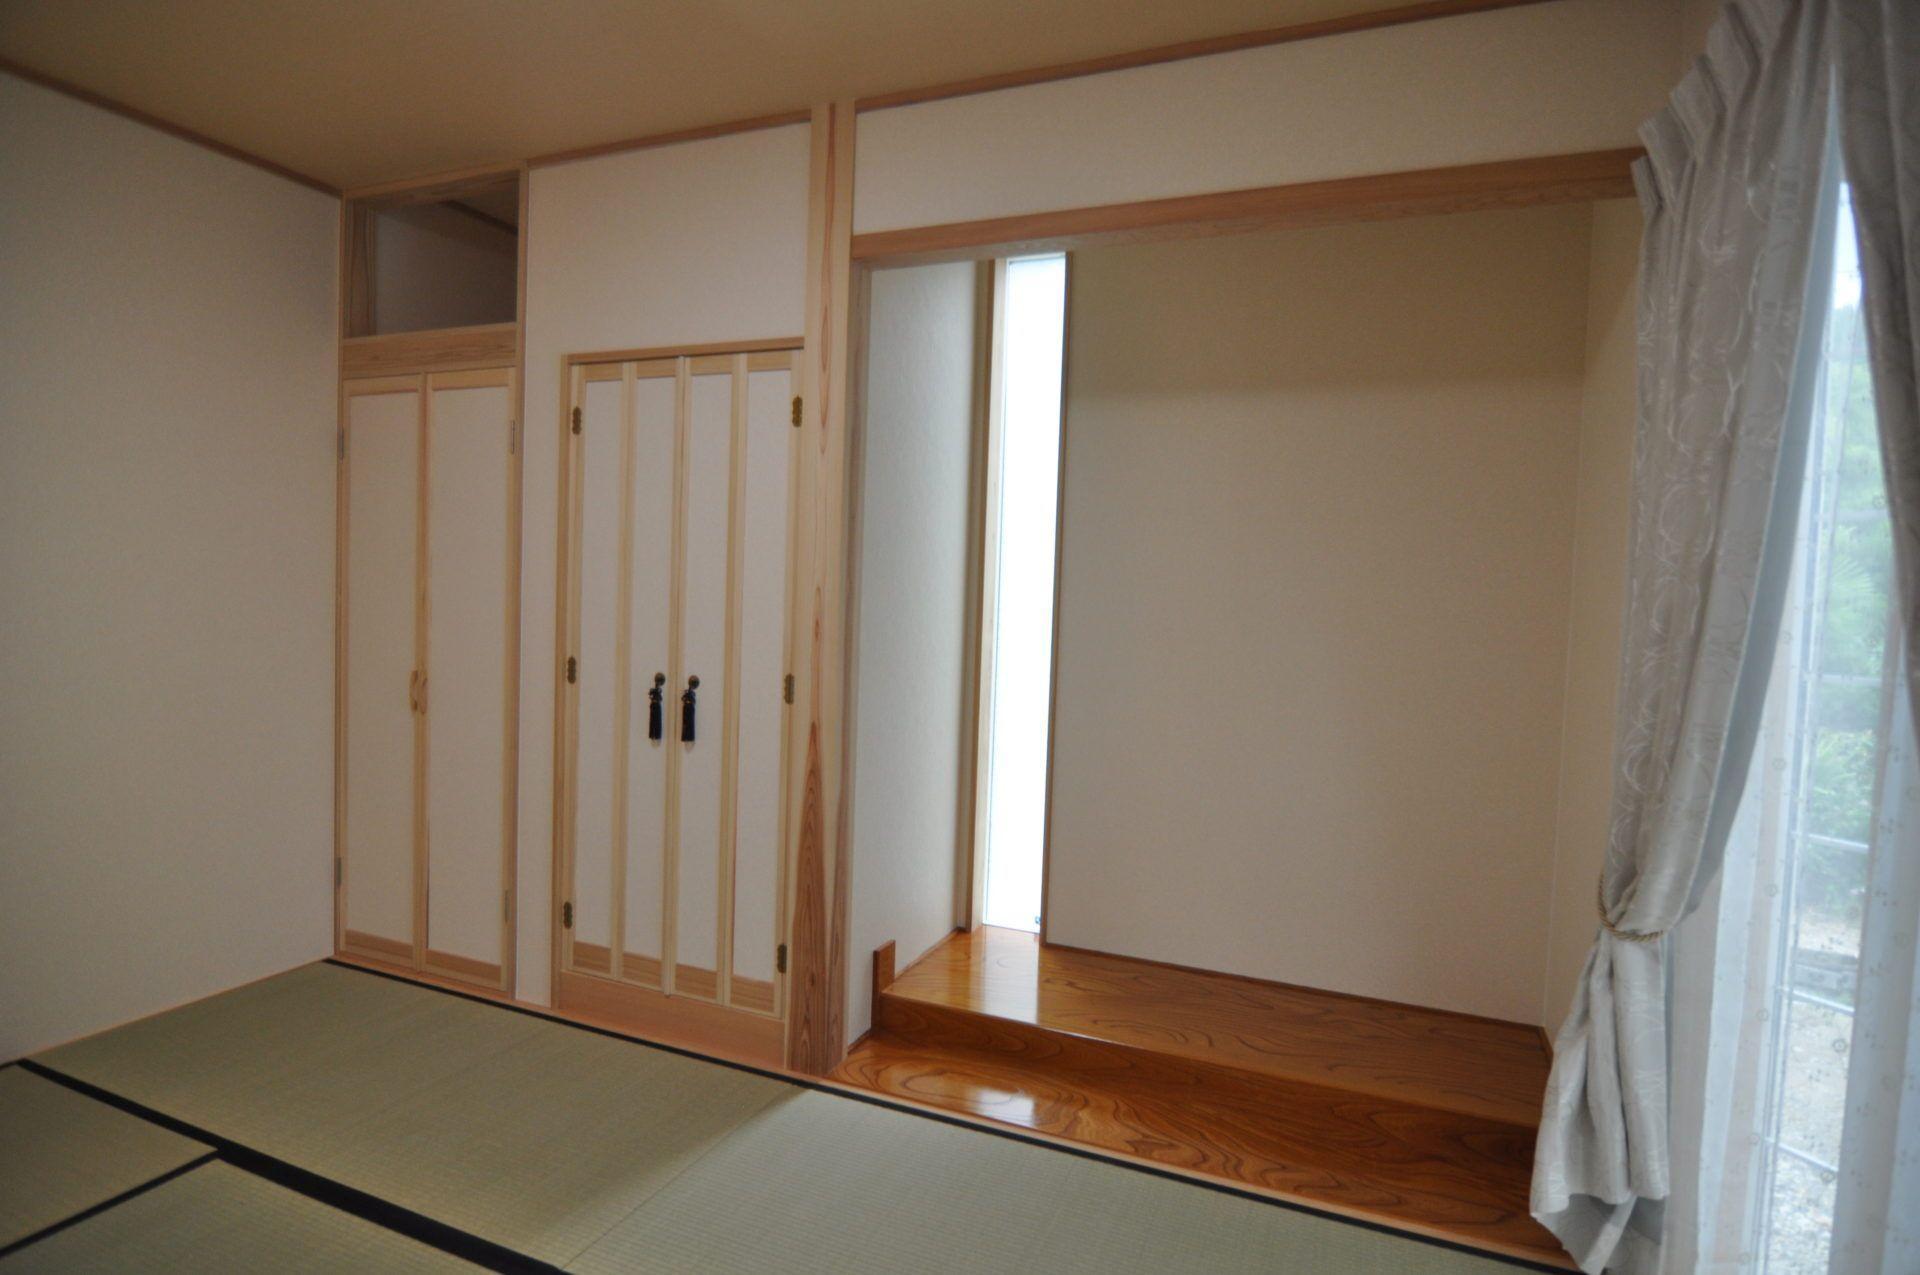 有限会社 市川建築店 1級建築士事務所「三条市 I様邸」の和風・和モダンな居室の実例写真